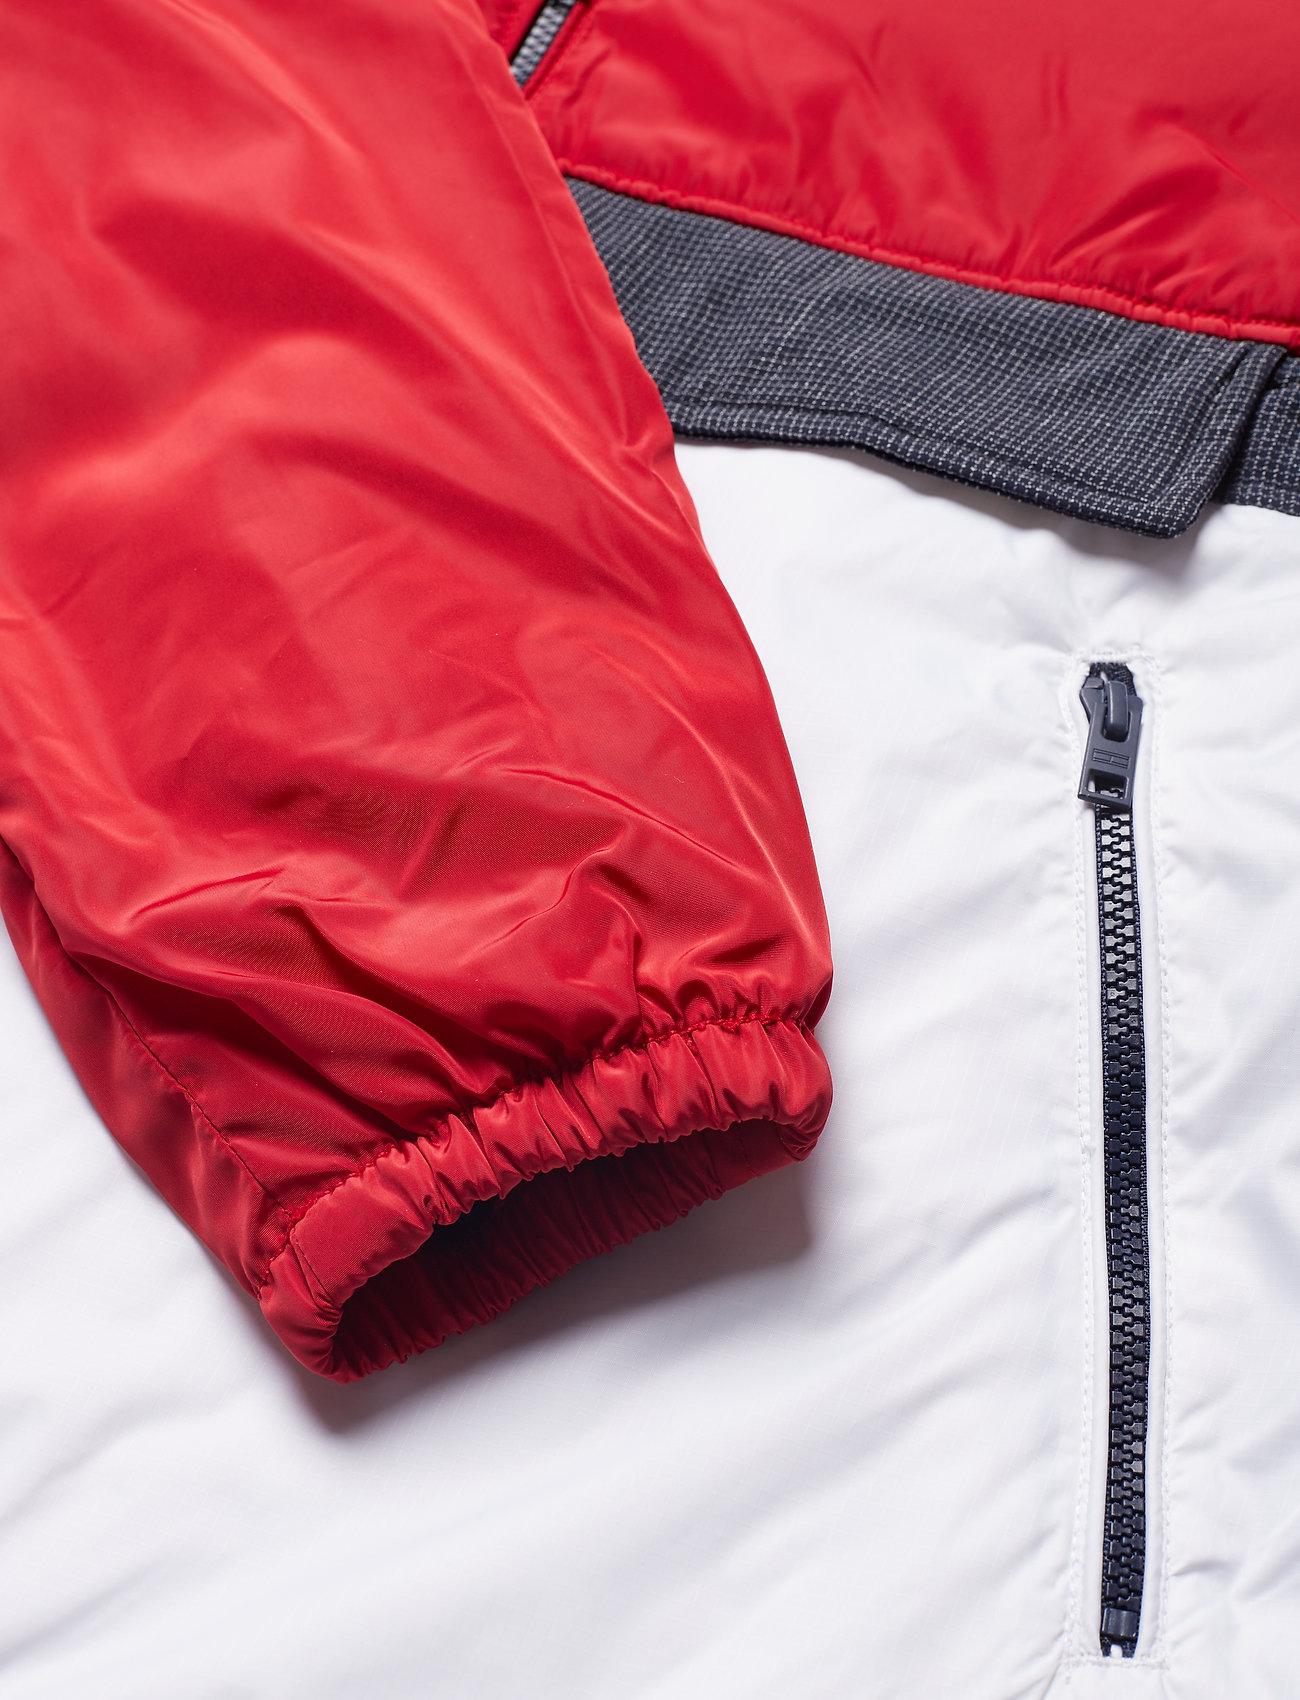 Tjm Colorblock Colorblock PopovsambaMultiTommy Jeans Tjm RjqL354A